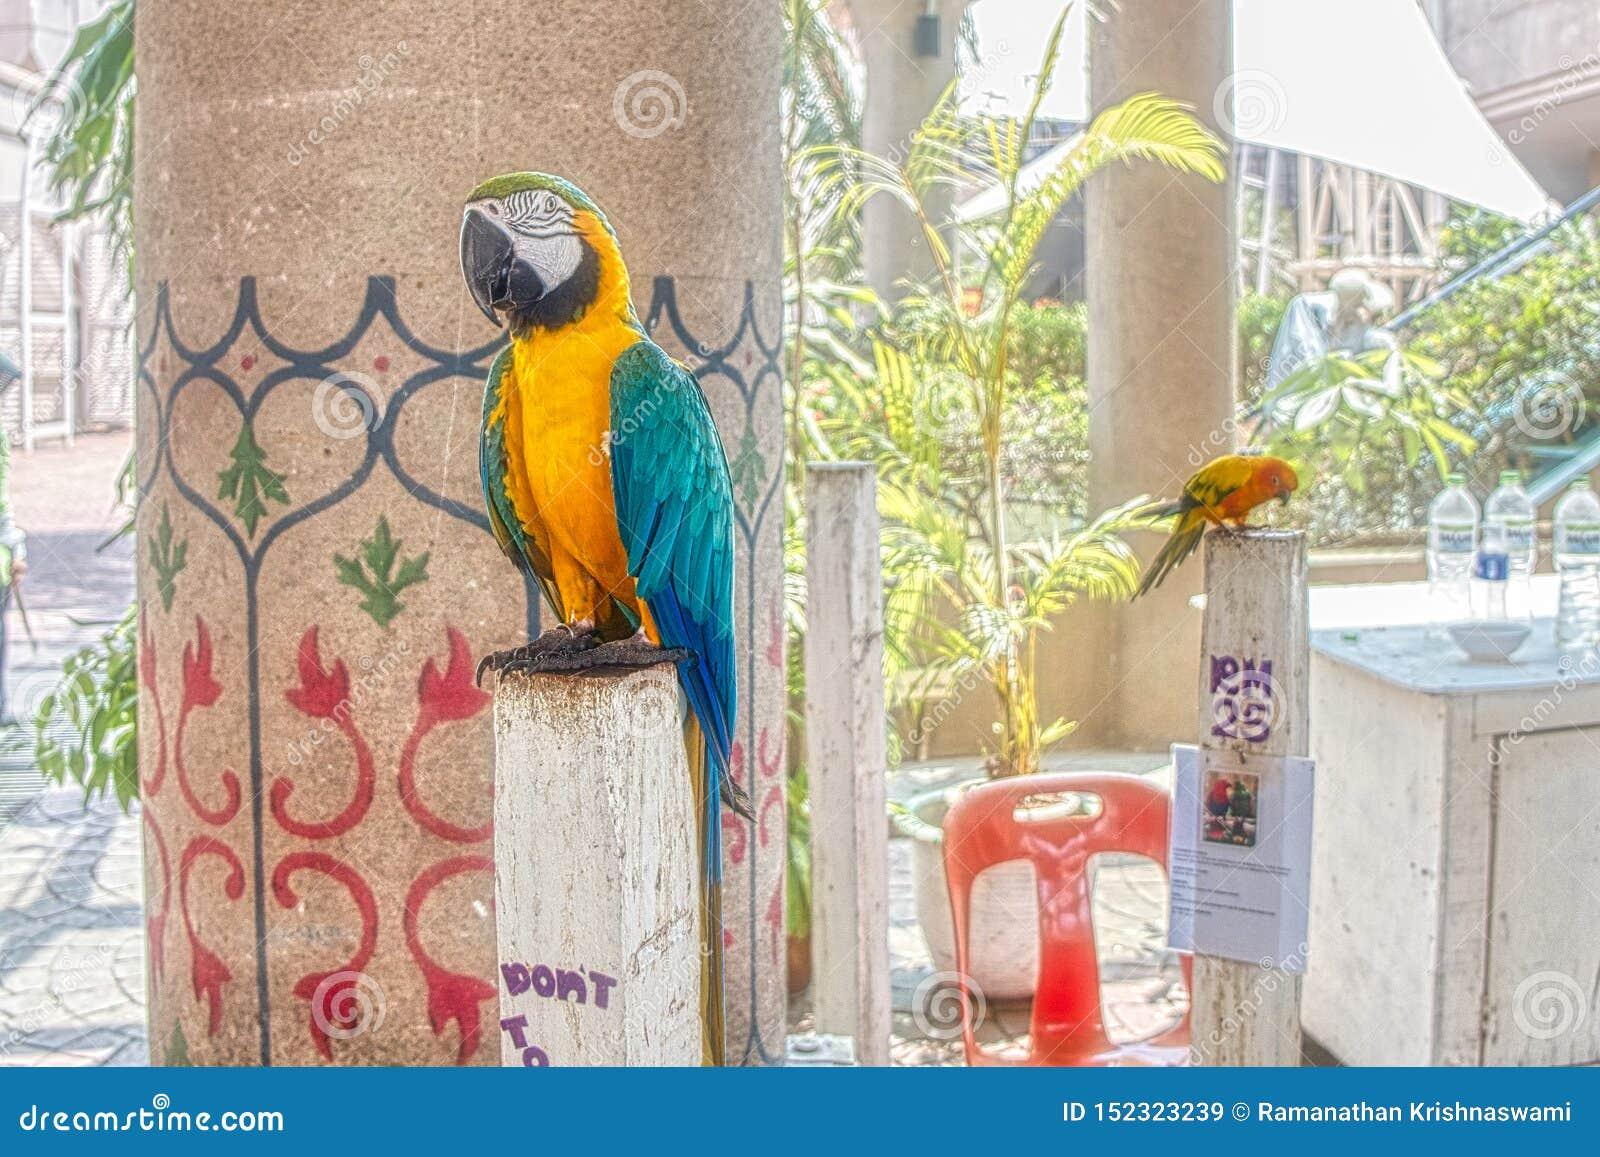 Parakeet Pet στη Μαλαισία